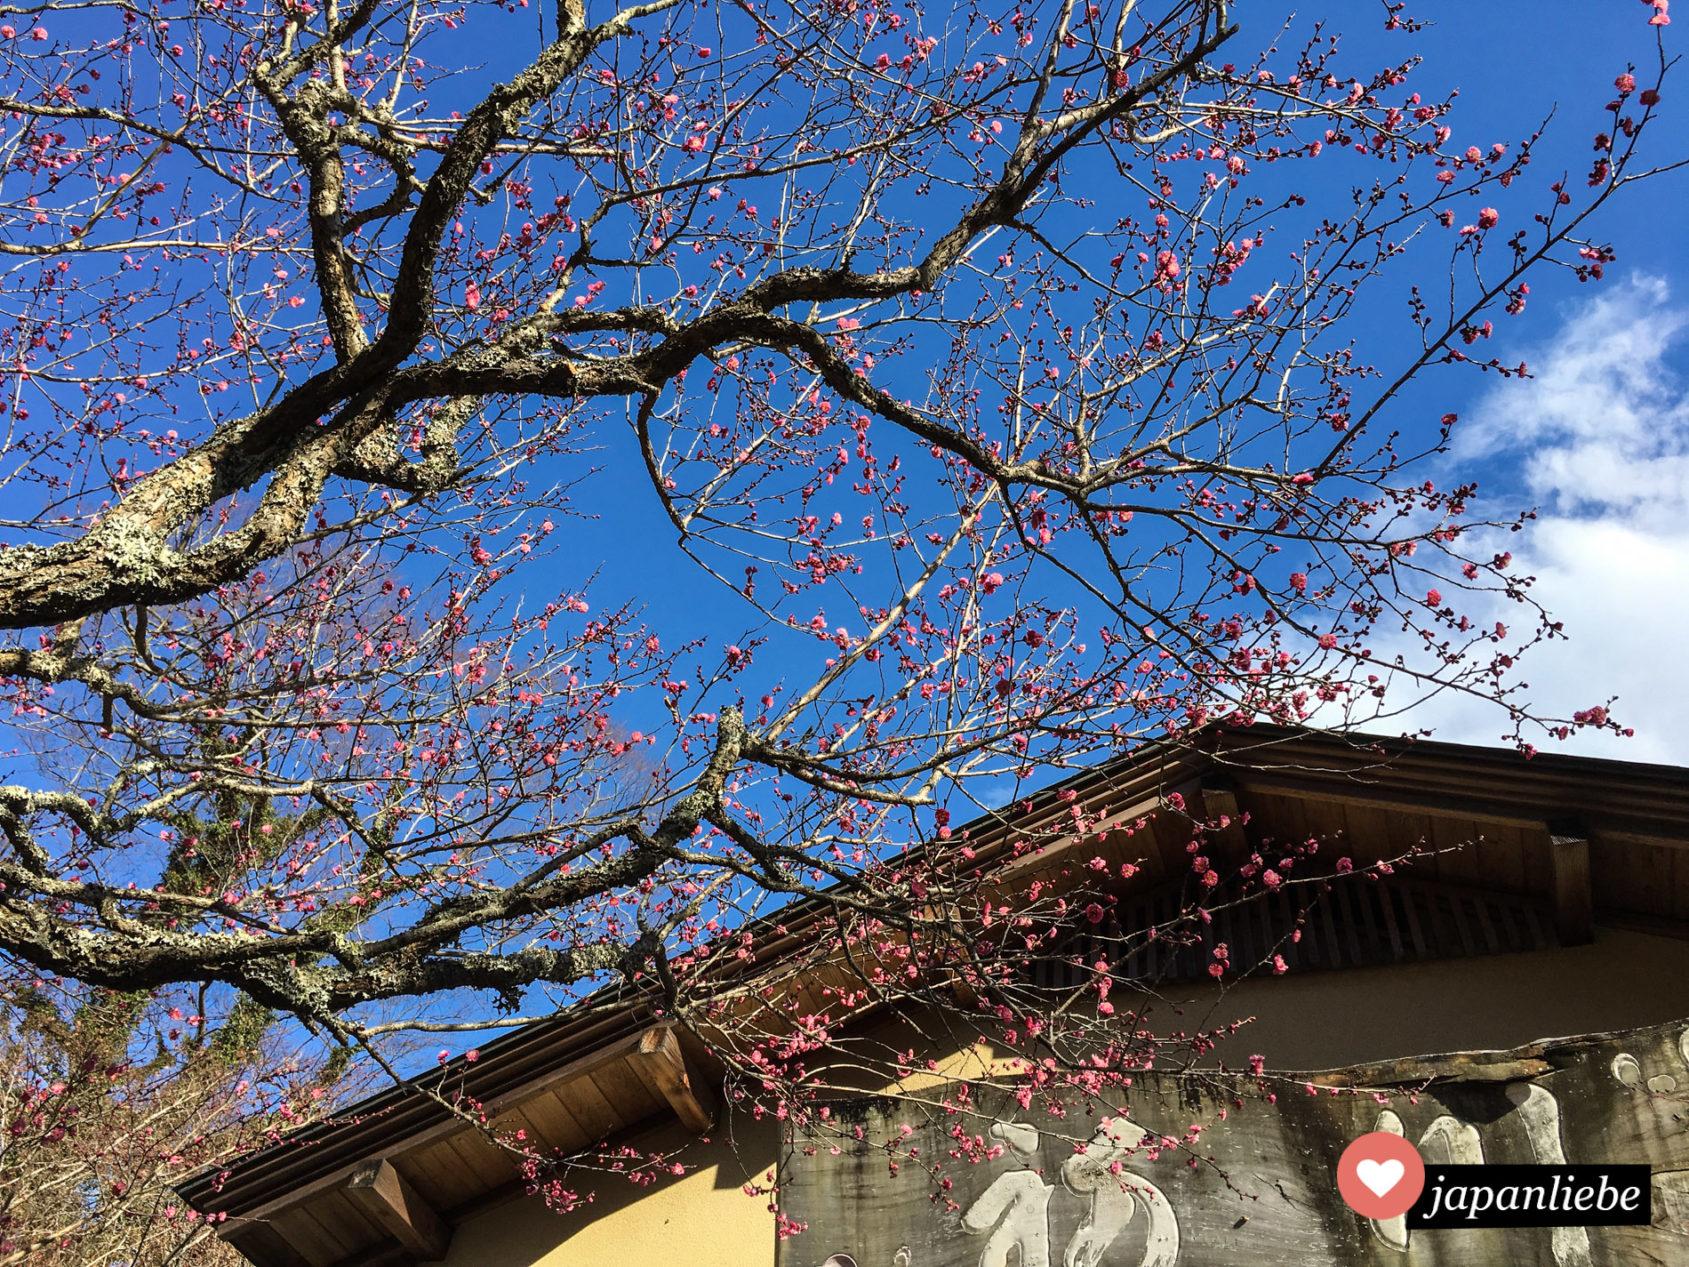 Rosa Pflaumenblüten läuten den Frühling in Japan ein.